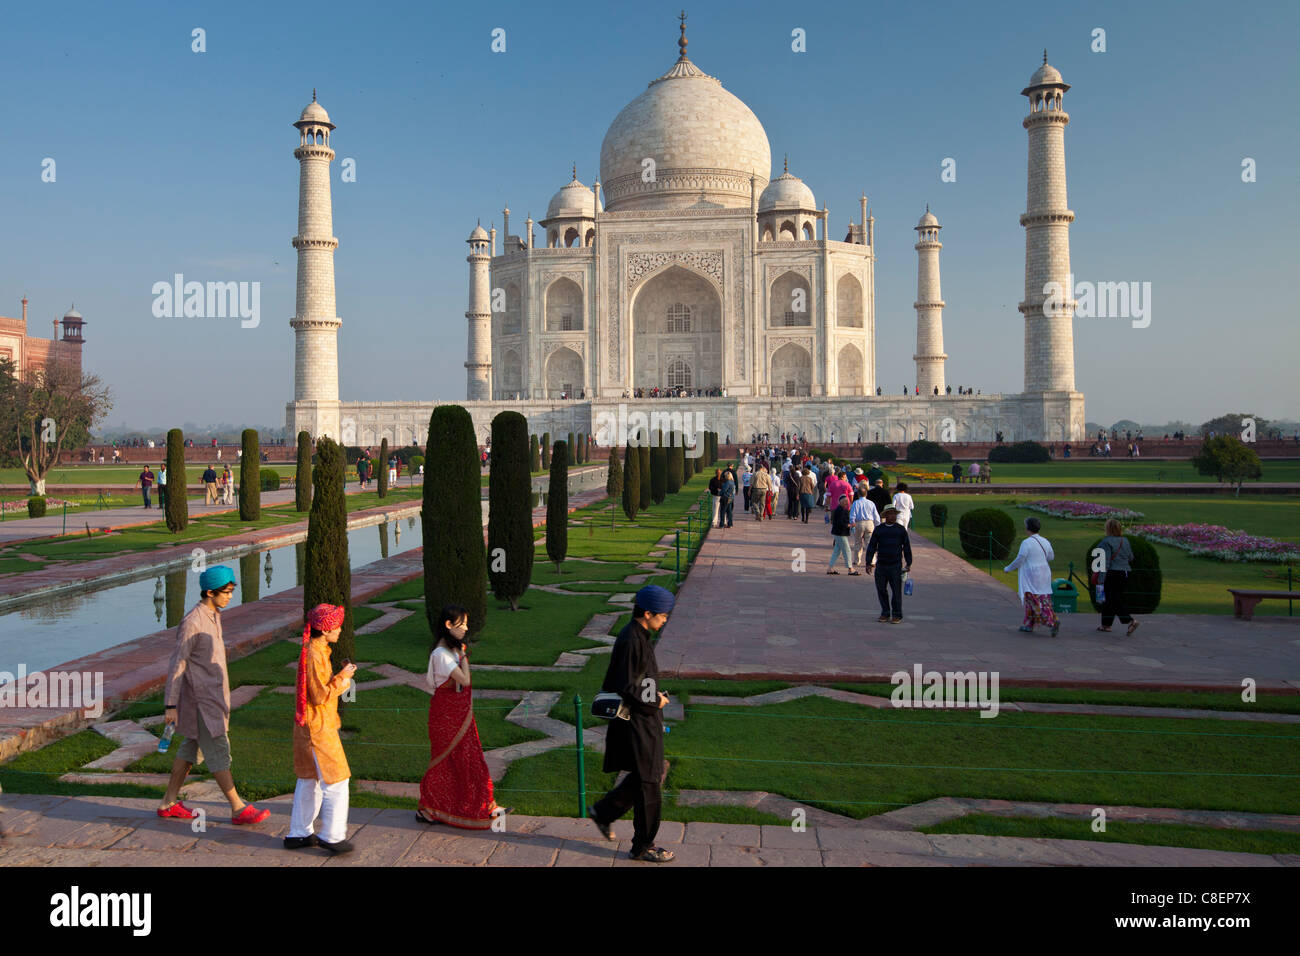 Los turistas asiáticos en el Taj Mahal mausoleo vista meridional de Uttar Pradesh, India Imagen De Stock